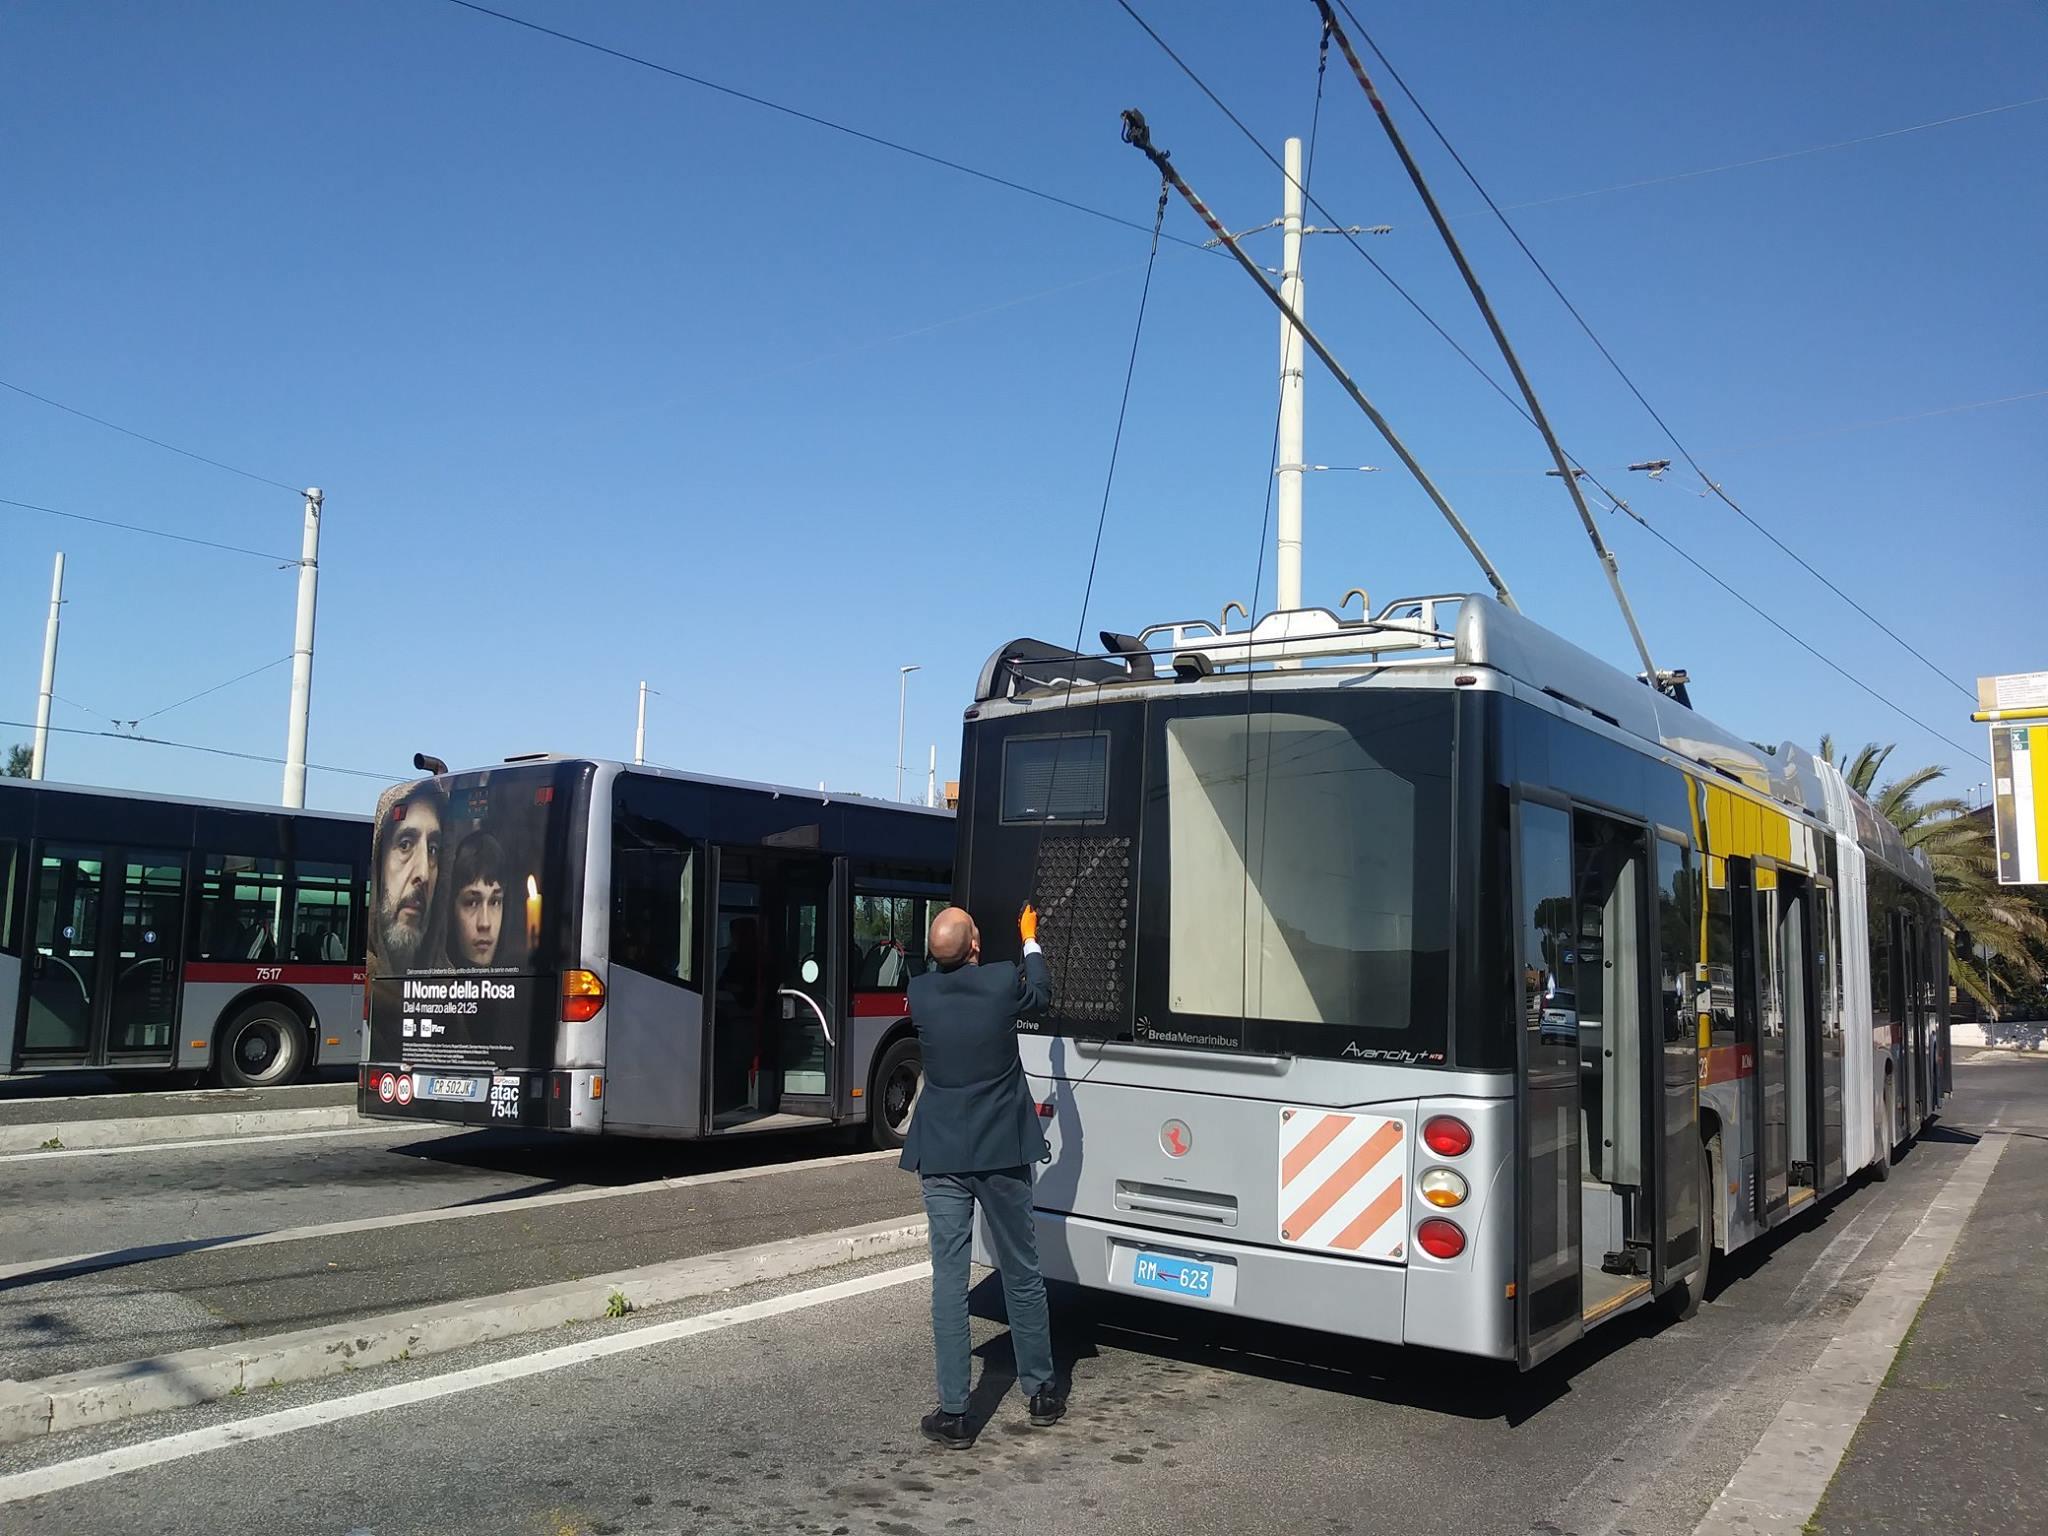 Římské trolejbusy na letošním snímku. (zdroj: ATAC)